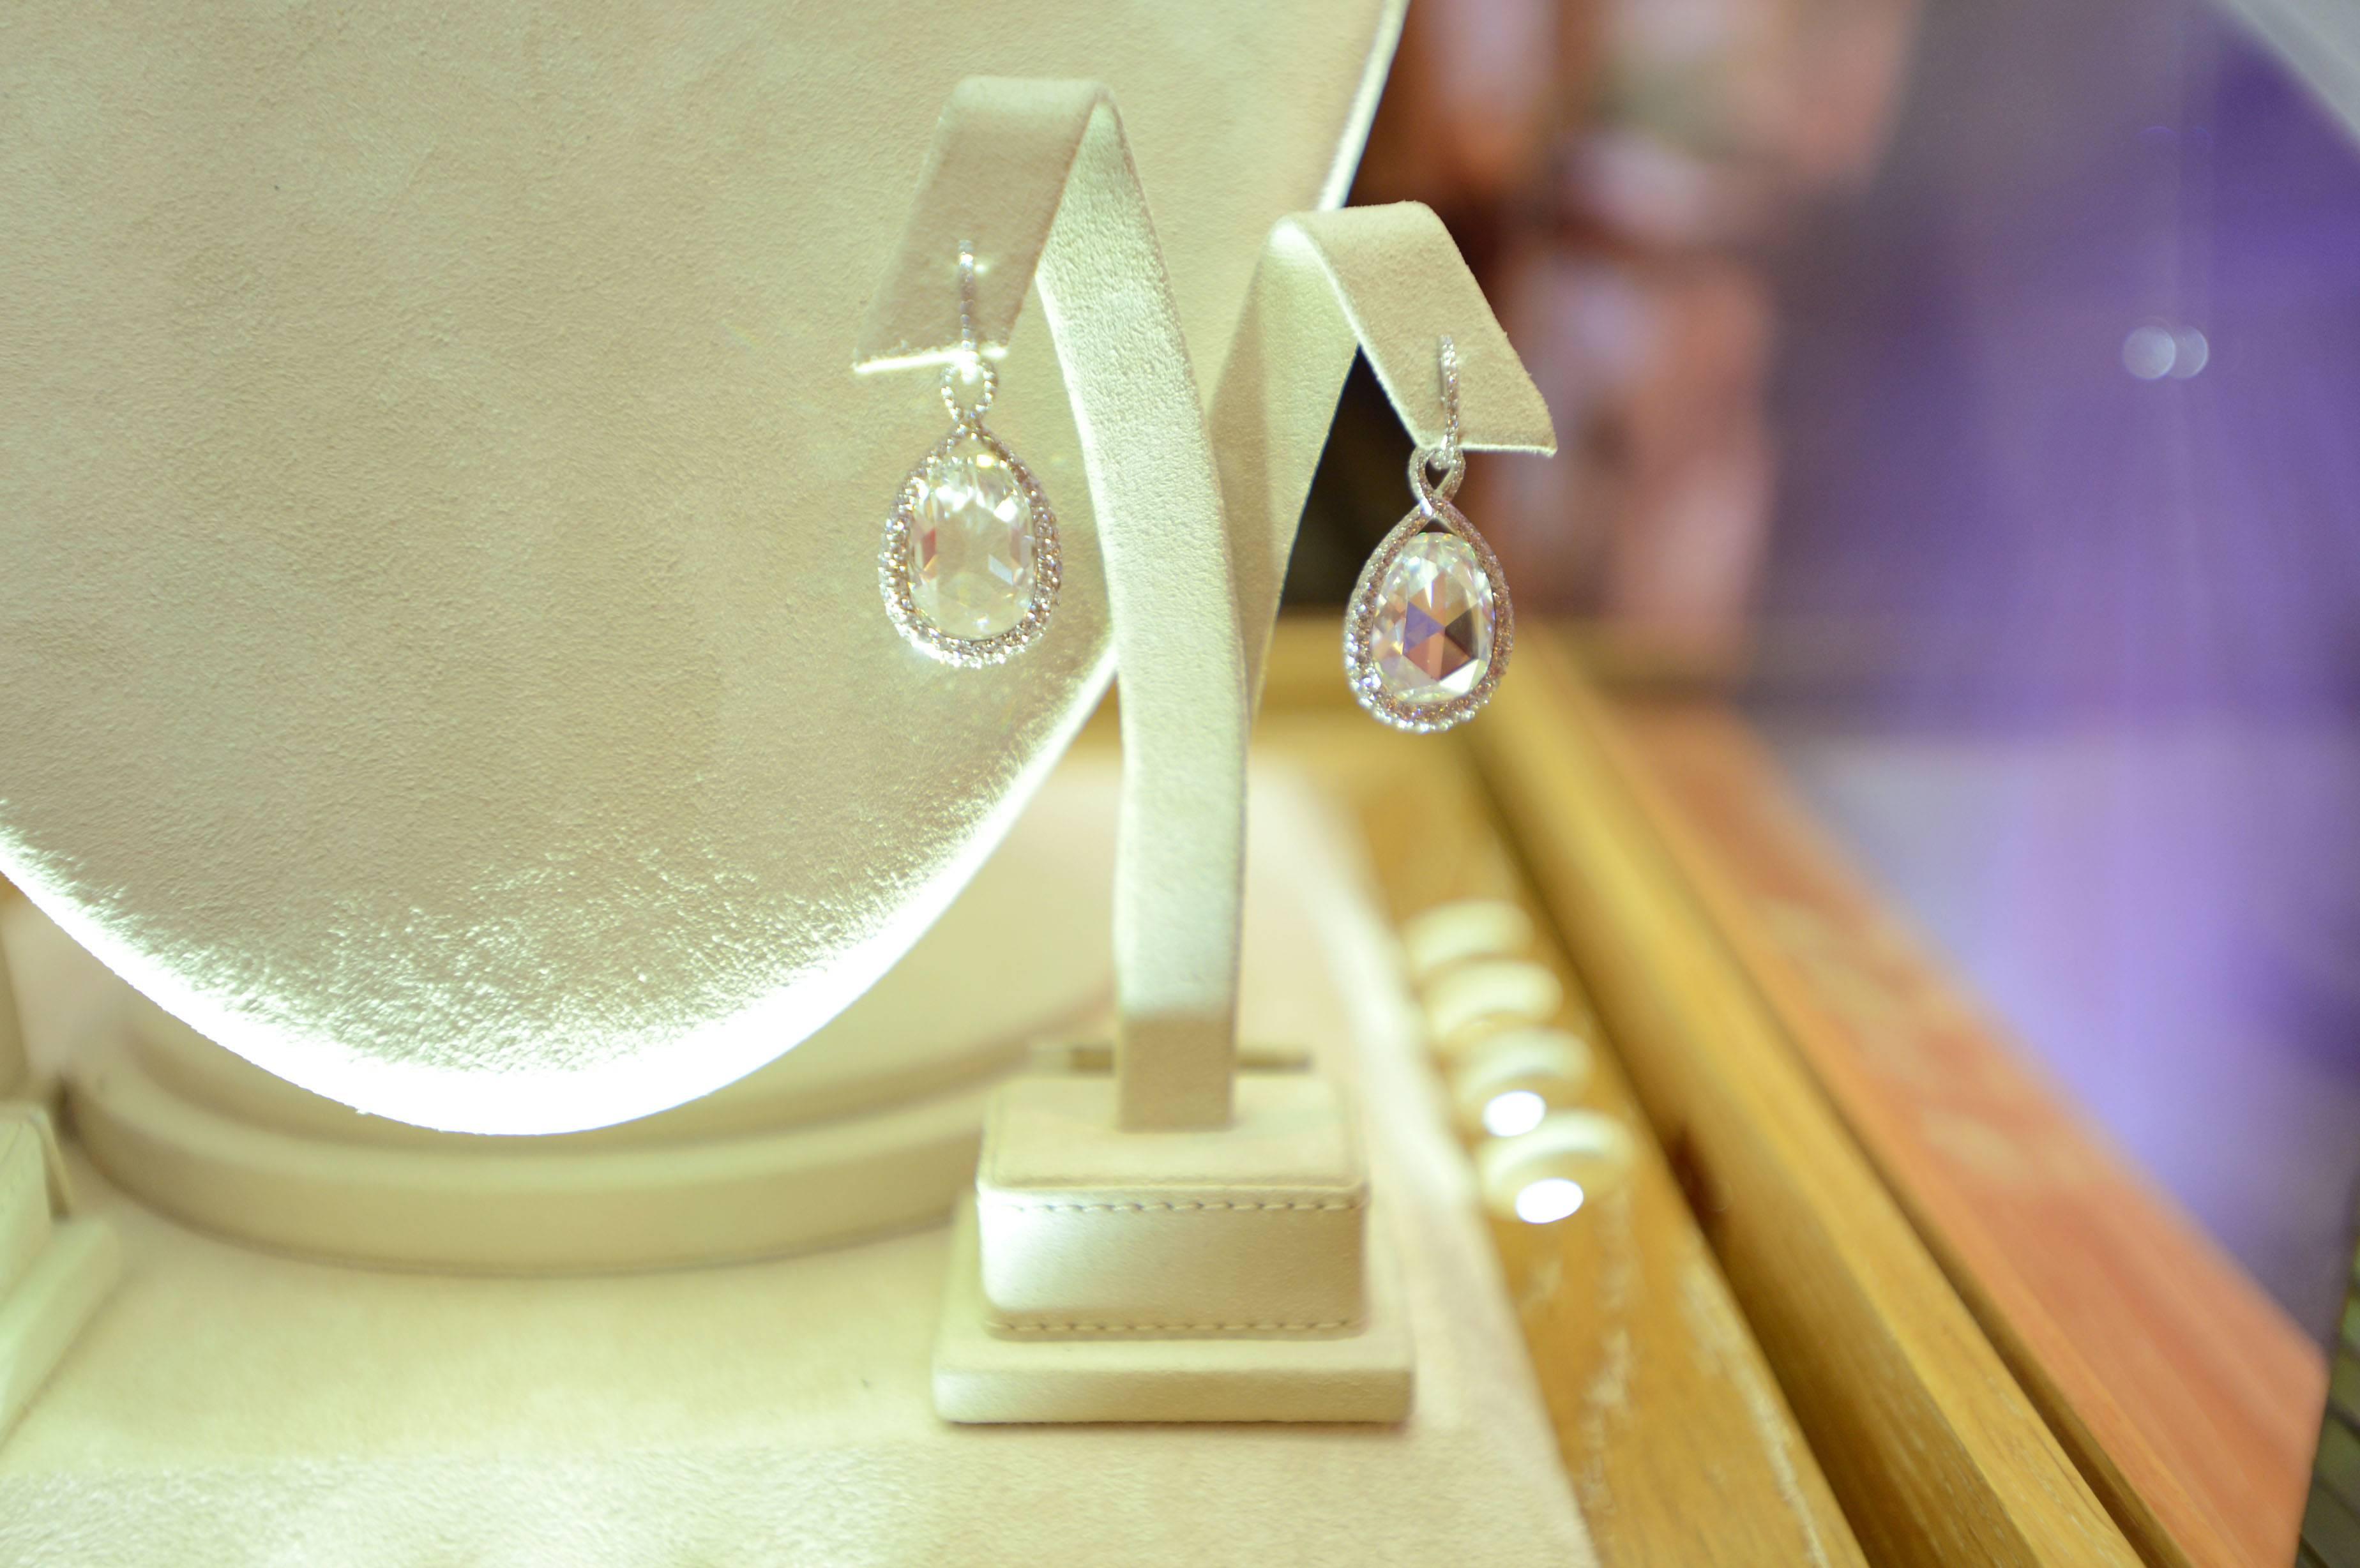 Jennifer Lawrence Earrings 2013 Oscars